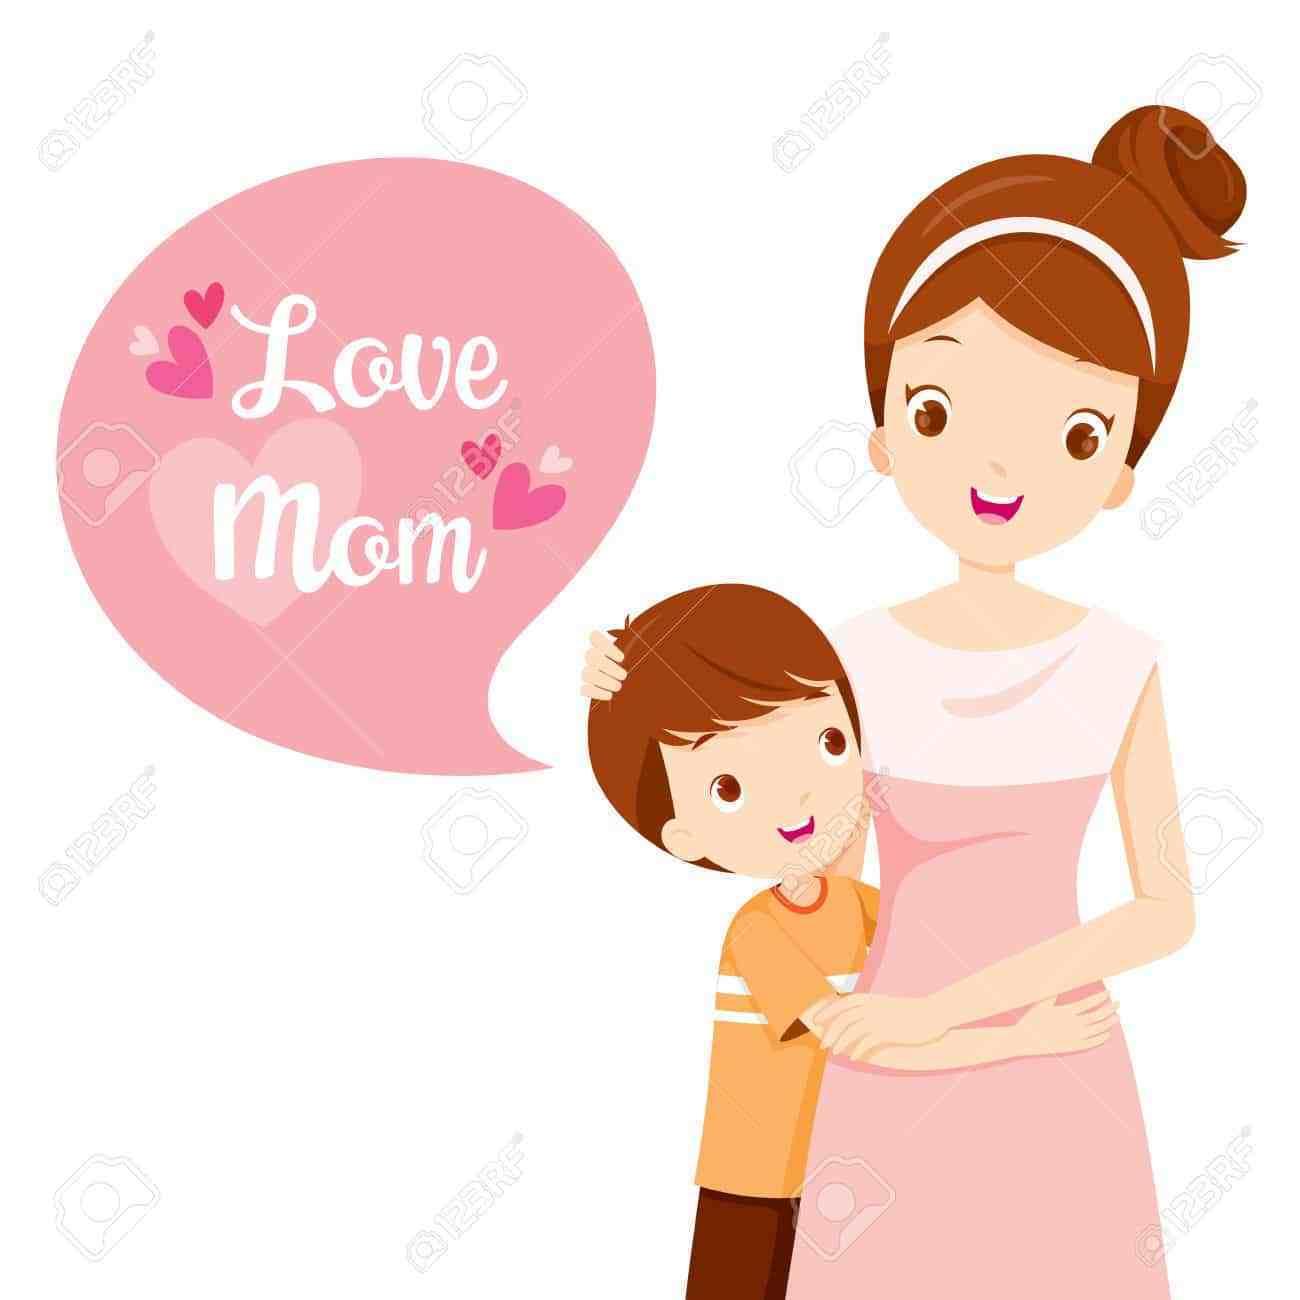 متى عيد الام في امريكا